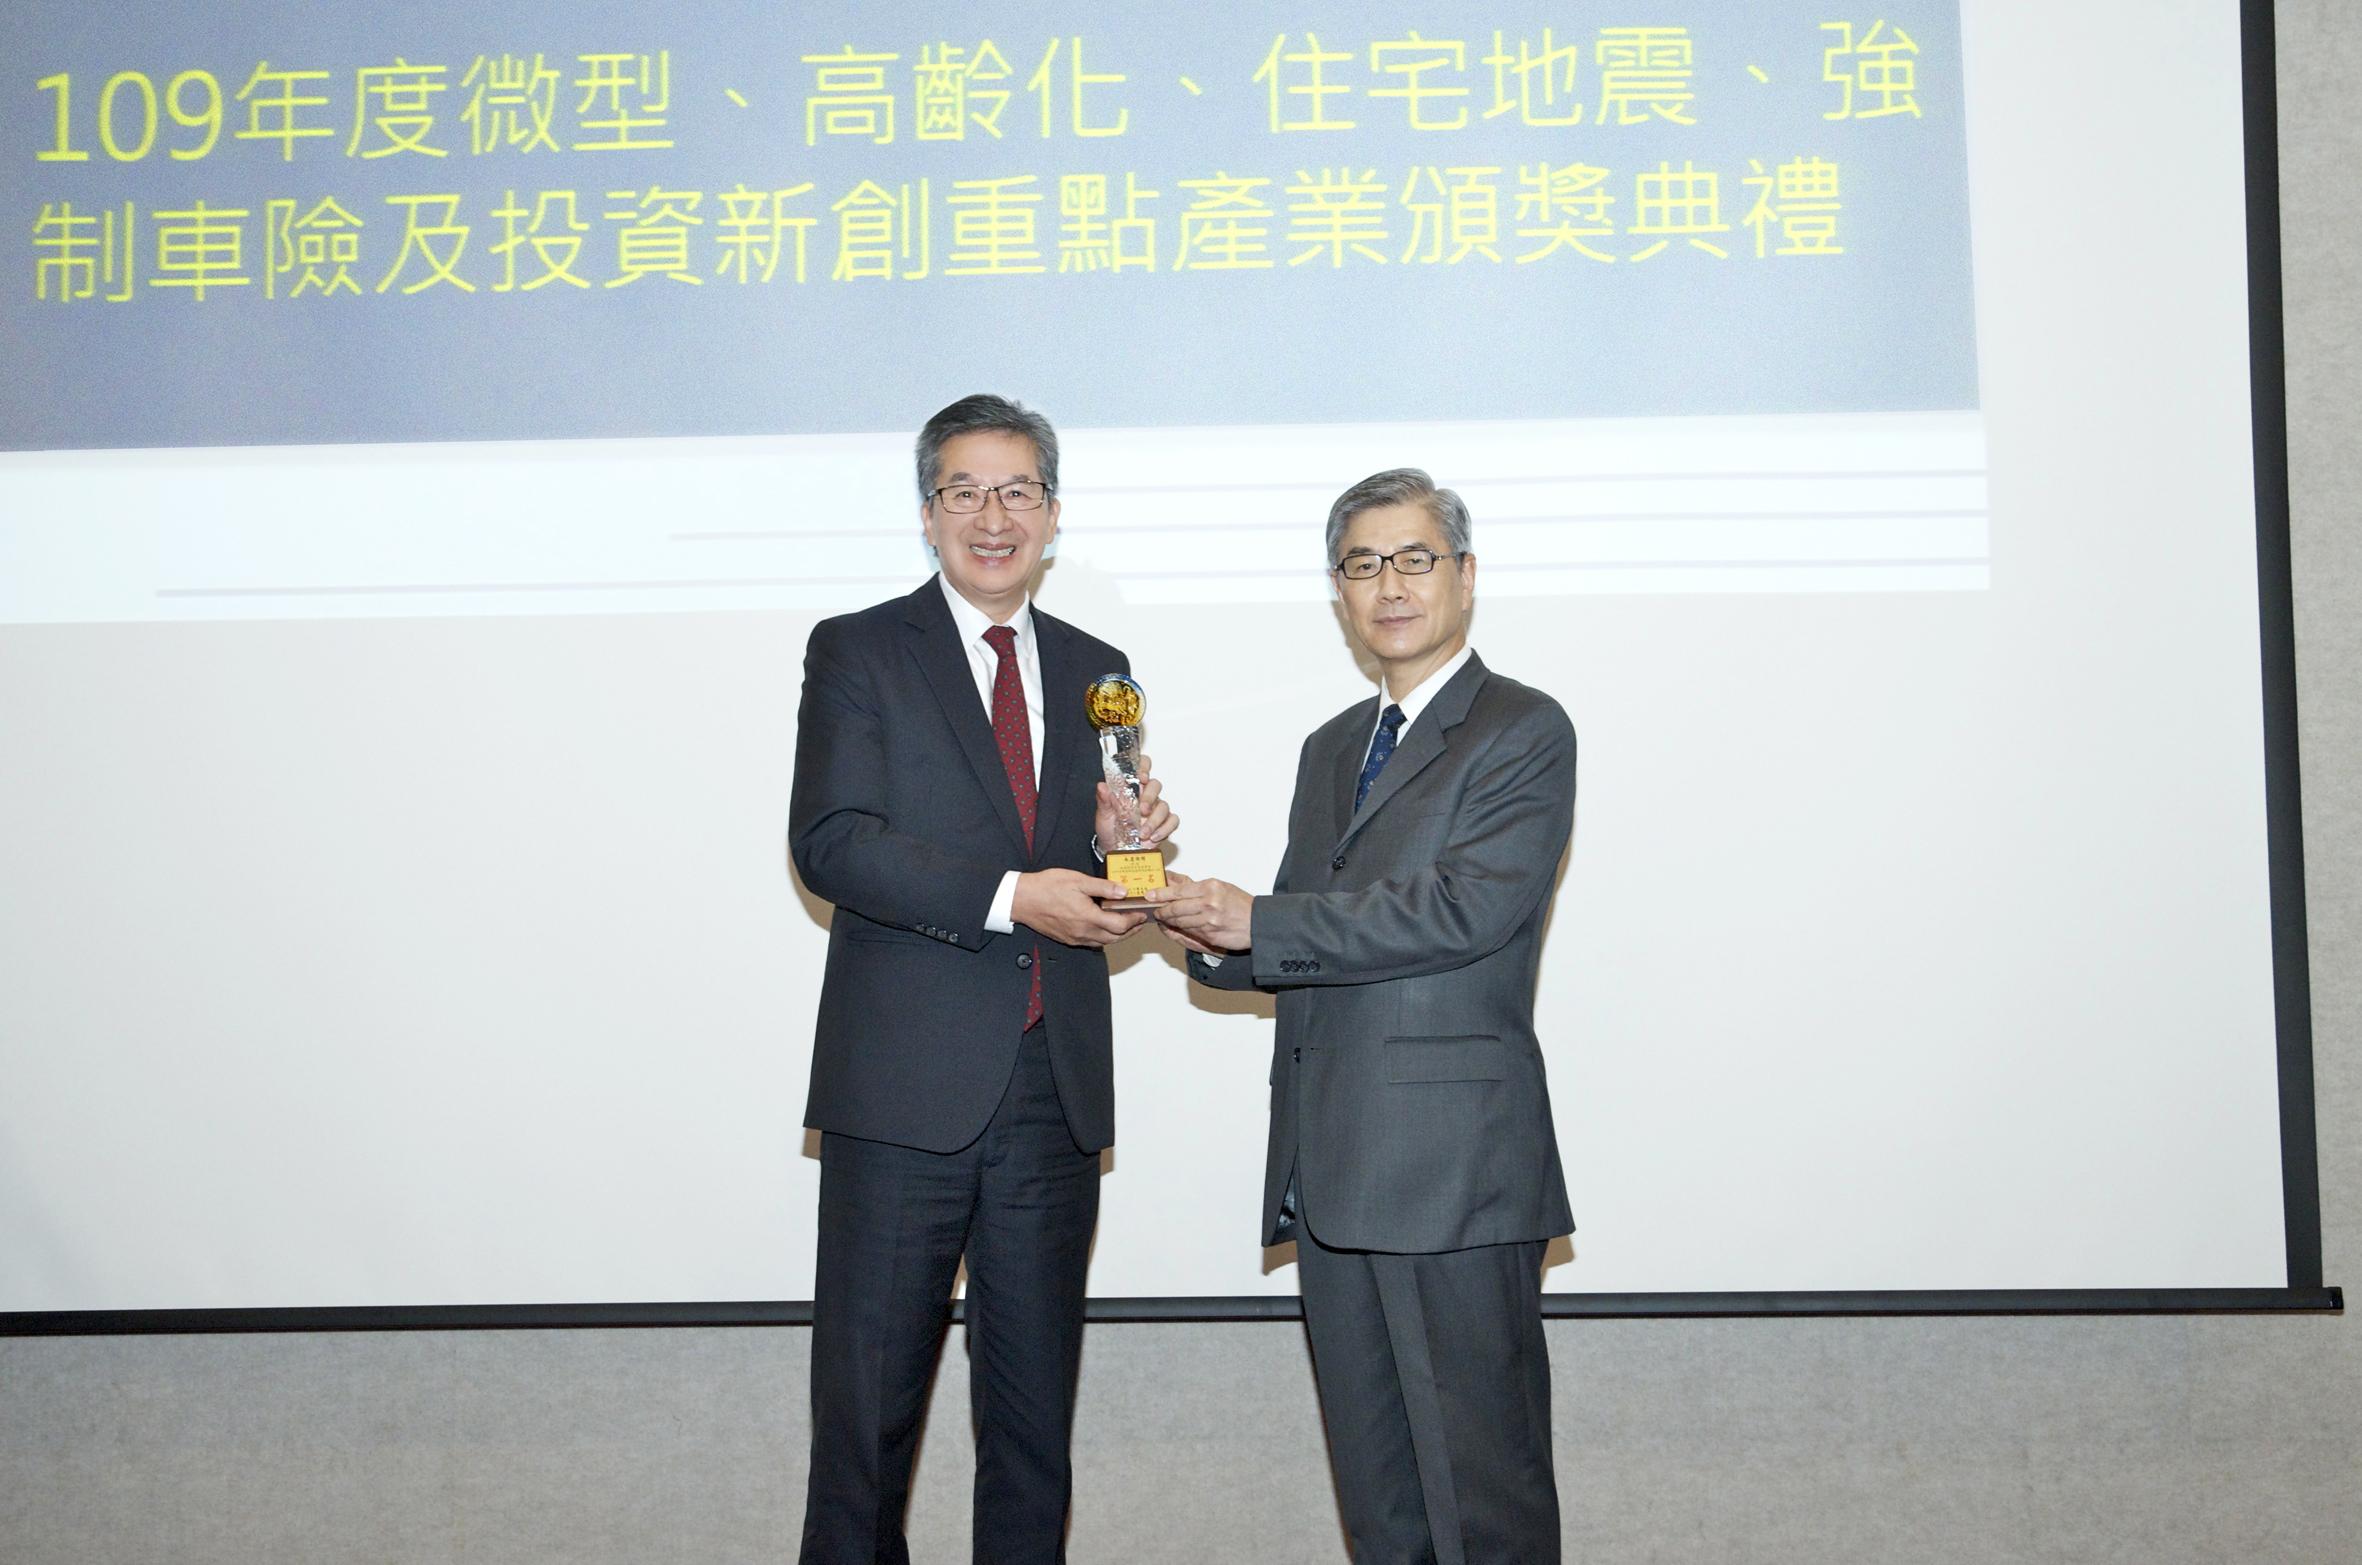 永達保經獲得2020年微型保險競賽-保經代組第一名,由金融監督管理委員會主委黃天牧(圖右)頒獎,永達陳慶鴻總經理(圖左)代表授獎。